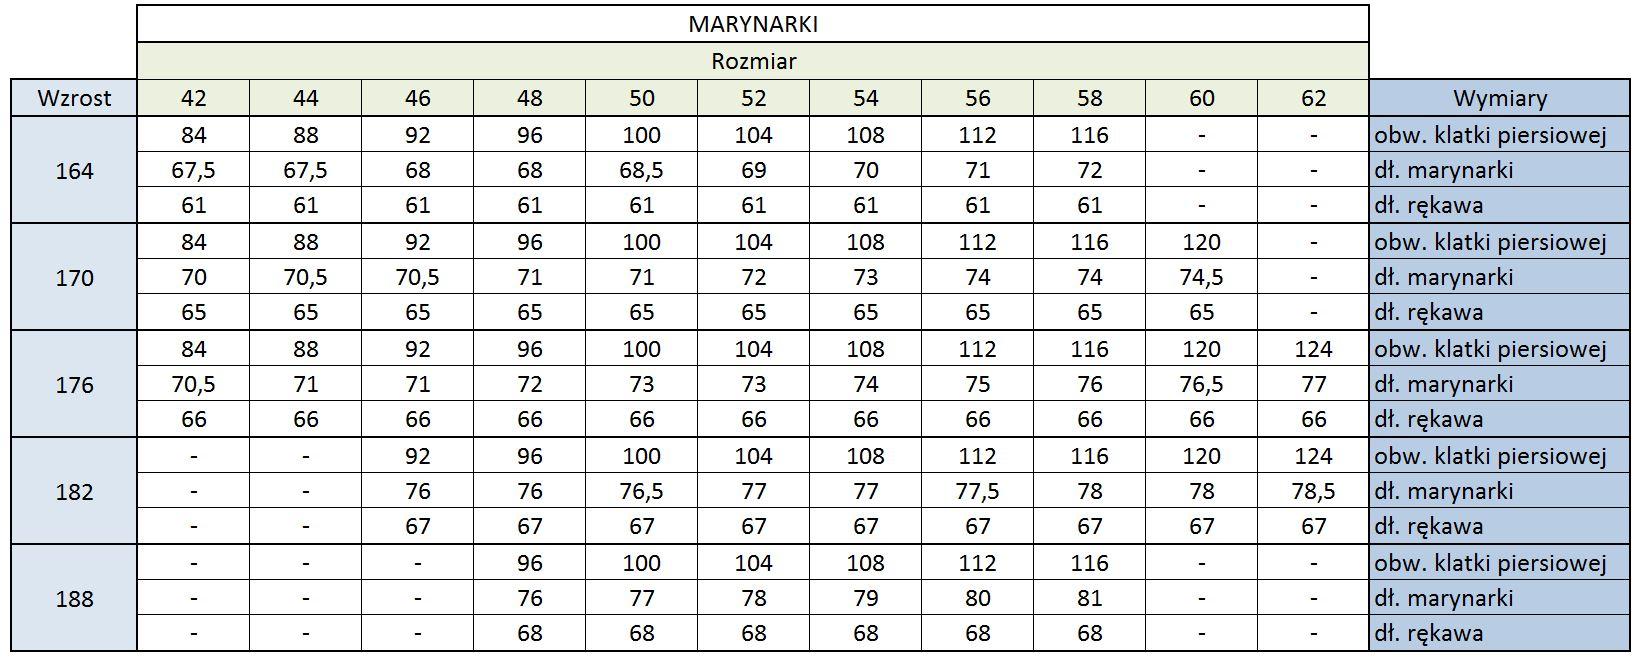 Tabela rozmiarów marynarka